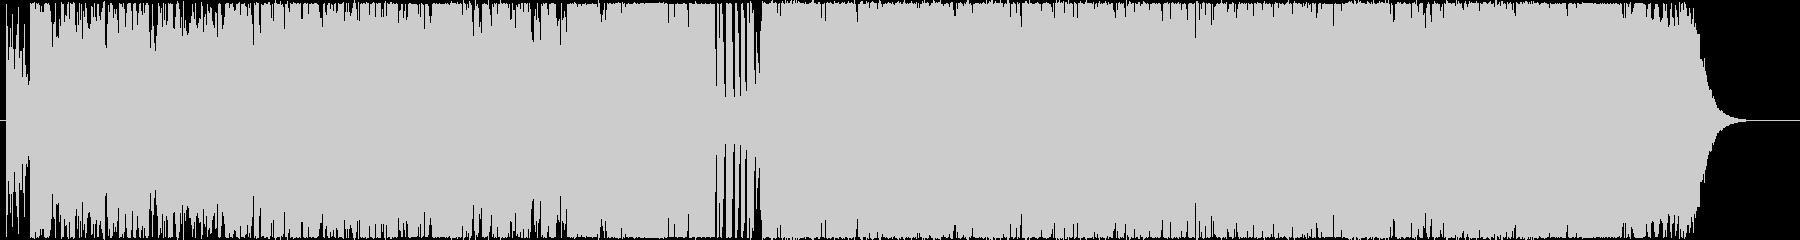 躍動的なアクションサスペンスの未再生の波形